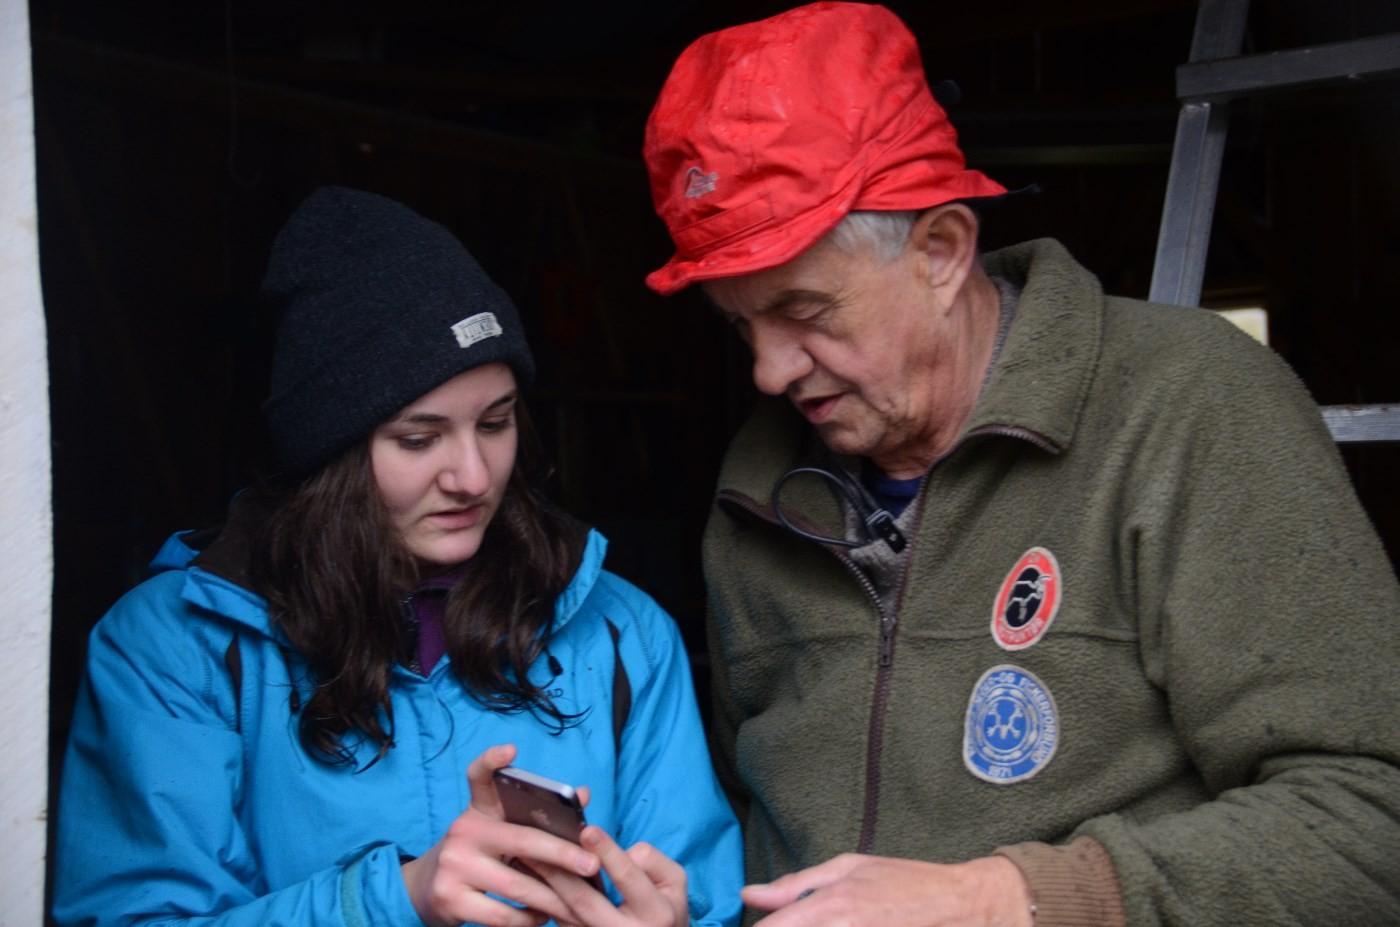 Jaktsjef Ragnar får grunnleggjande opplæring i trådlaus overføring av bilder med Astrid L. Kvendset.  Foto: Jon Olav Ørsal